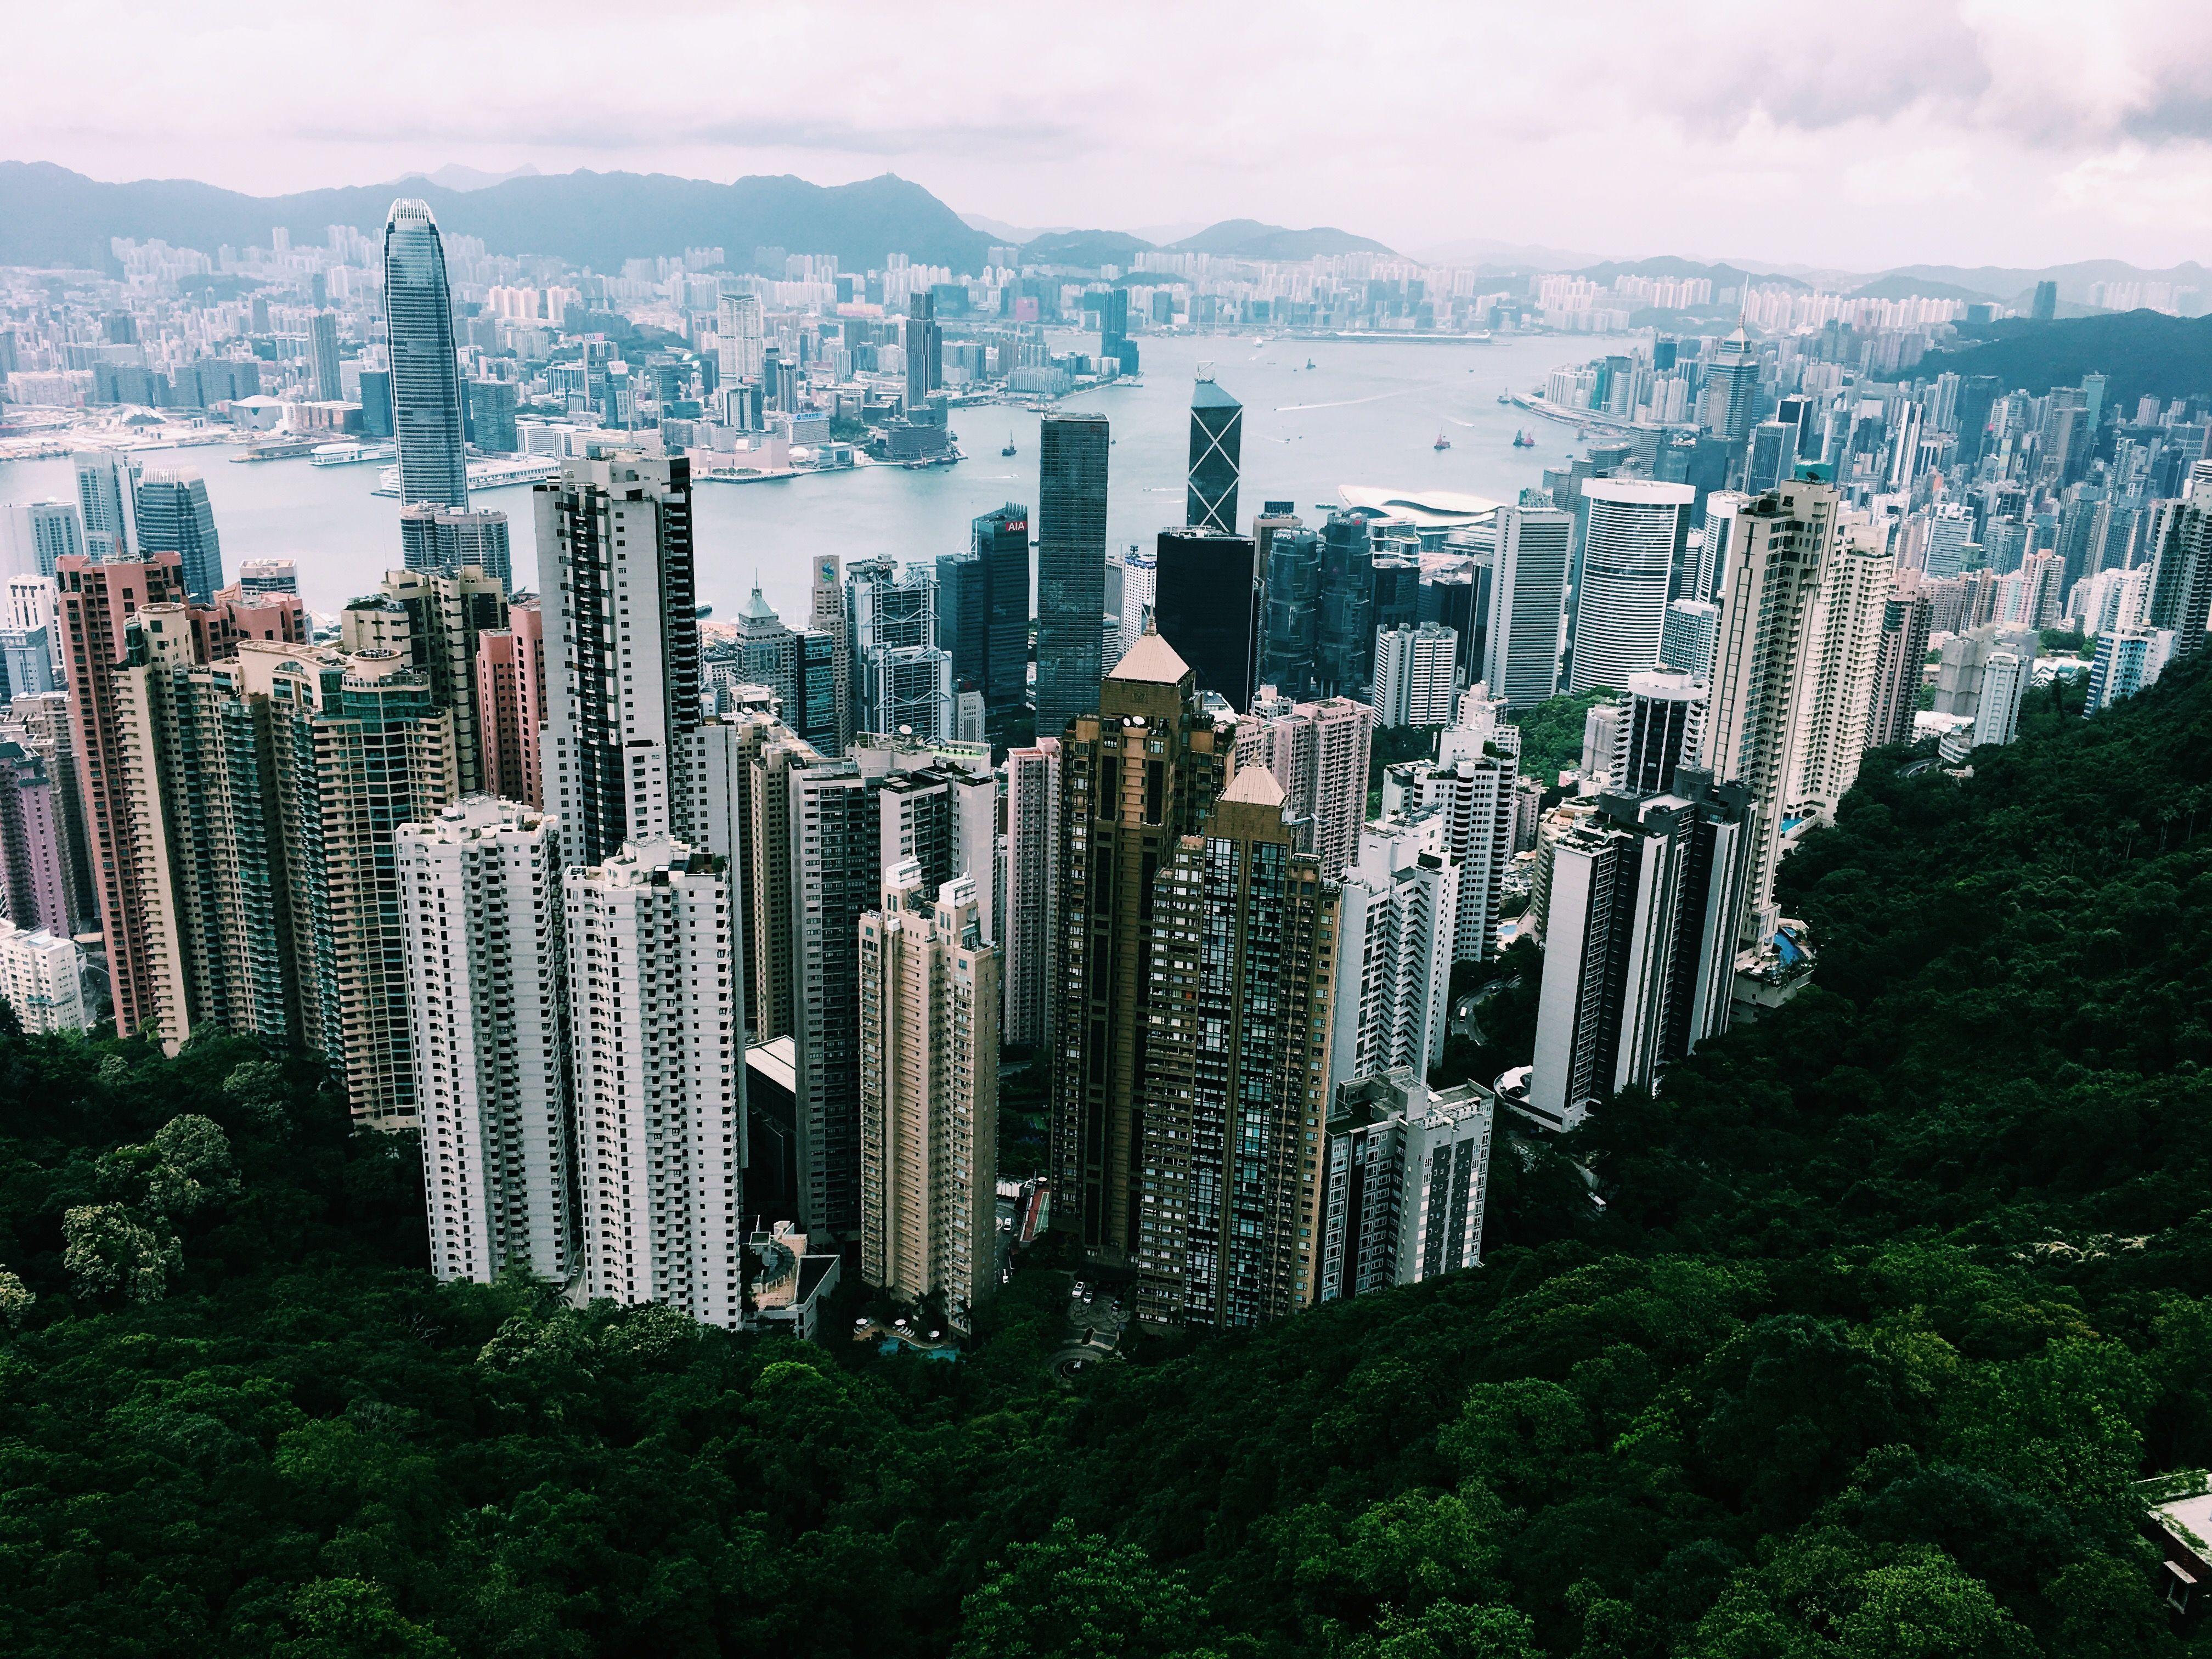 #hongkong #asiatravel #travel #traveldestinations #travelinspo